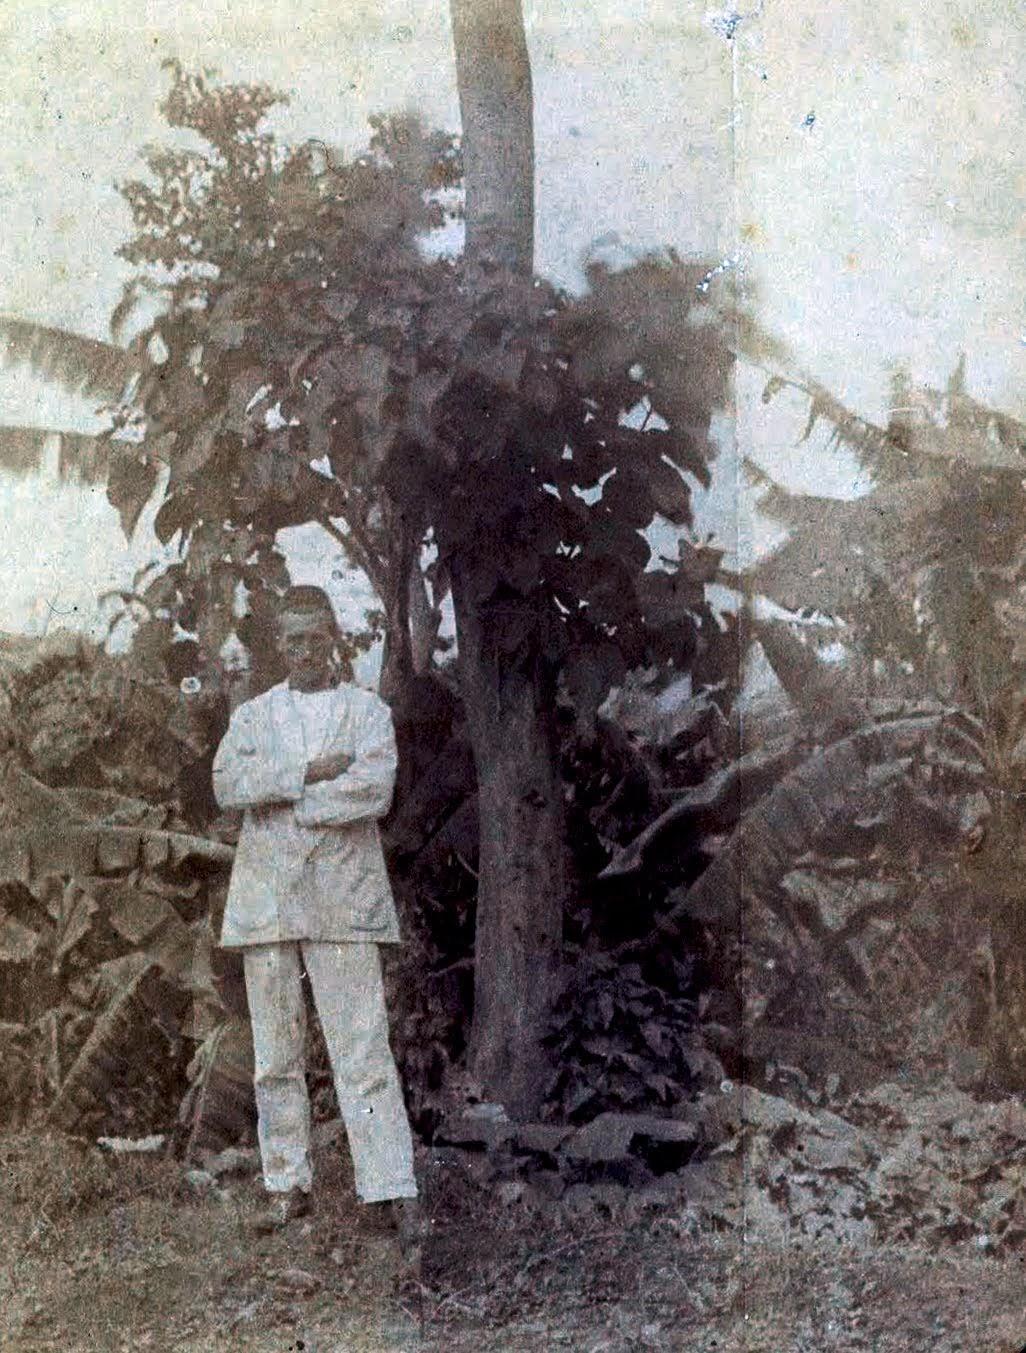 アフリカのハラルで木の前に立つアルチュール・ランボー